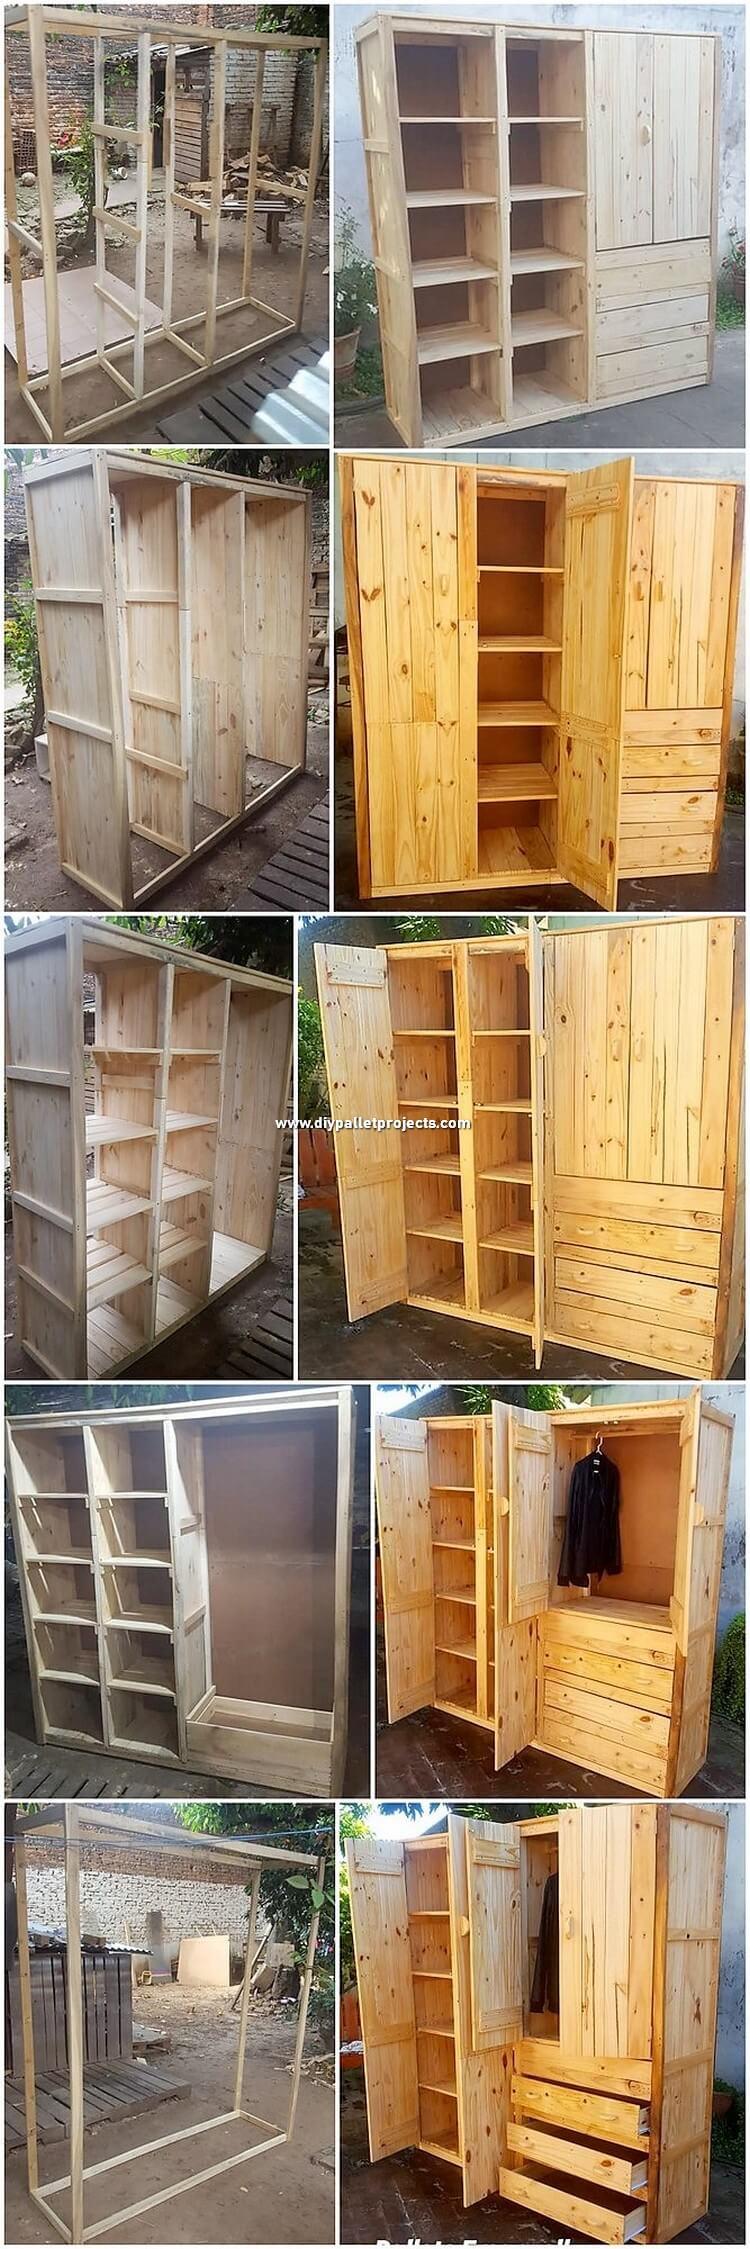 DIY Pallet Closet or Wardrobe